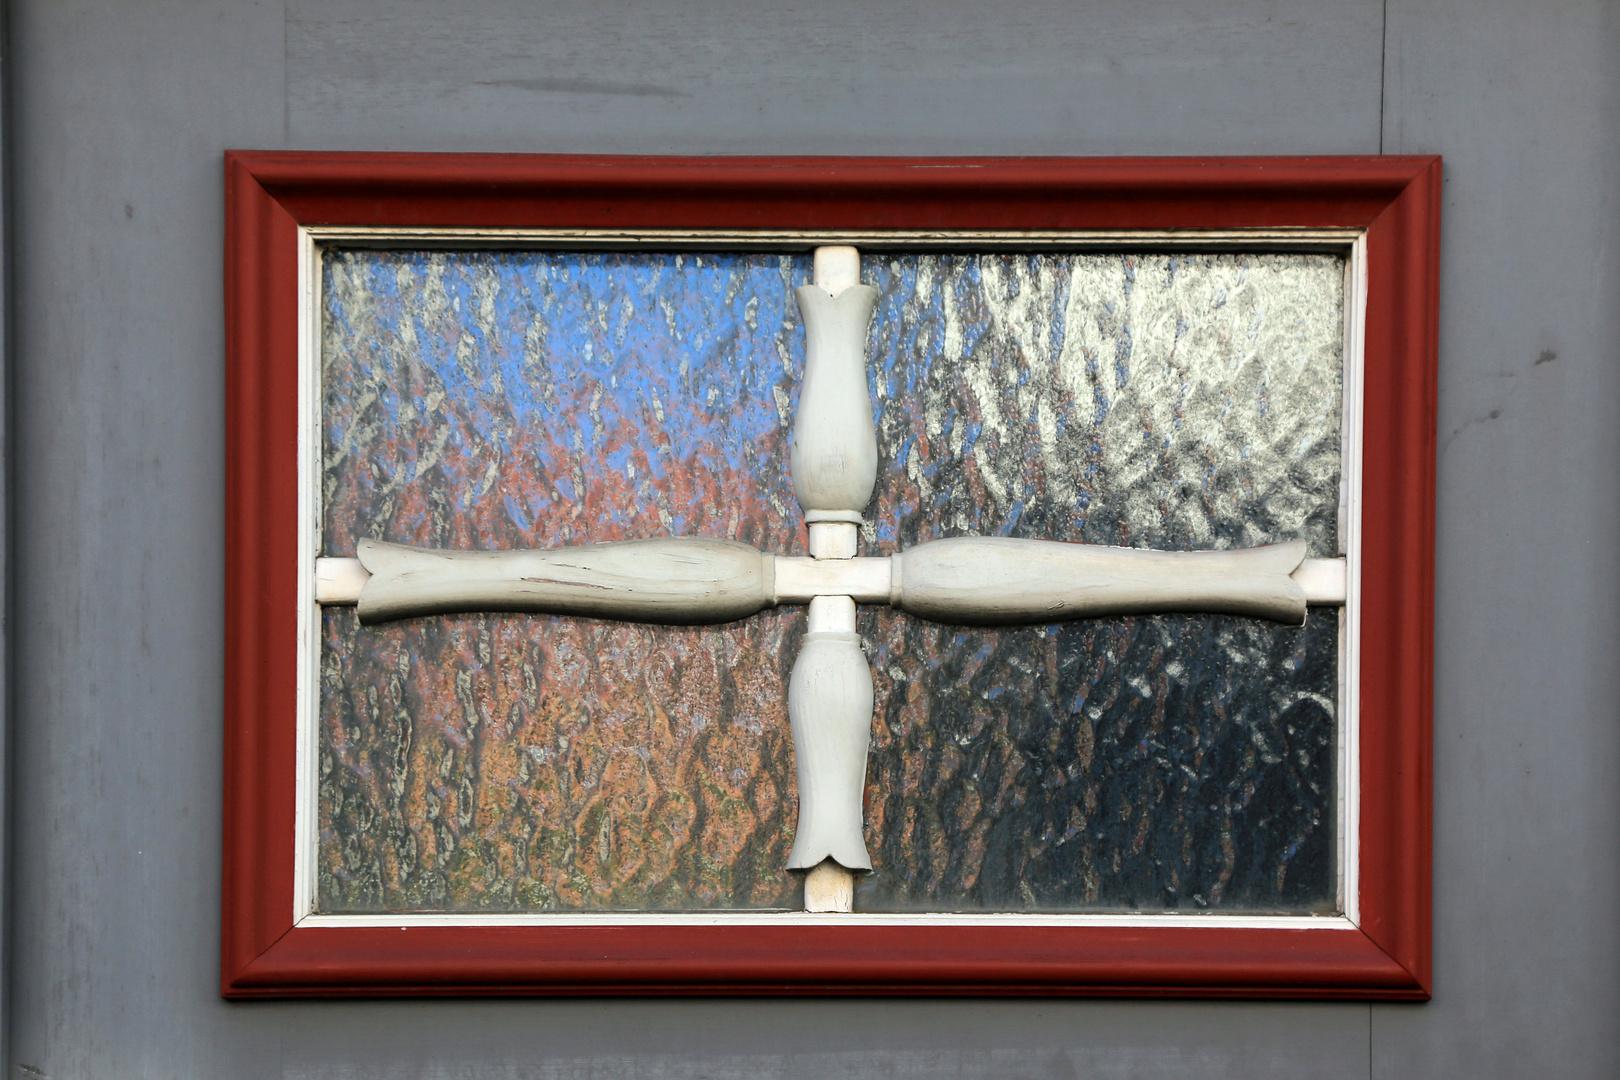 türfenster Foto & Bild | architektur, fenster & türen ...